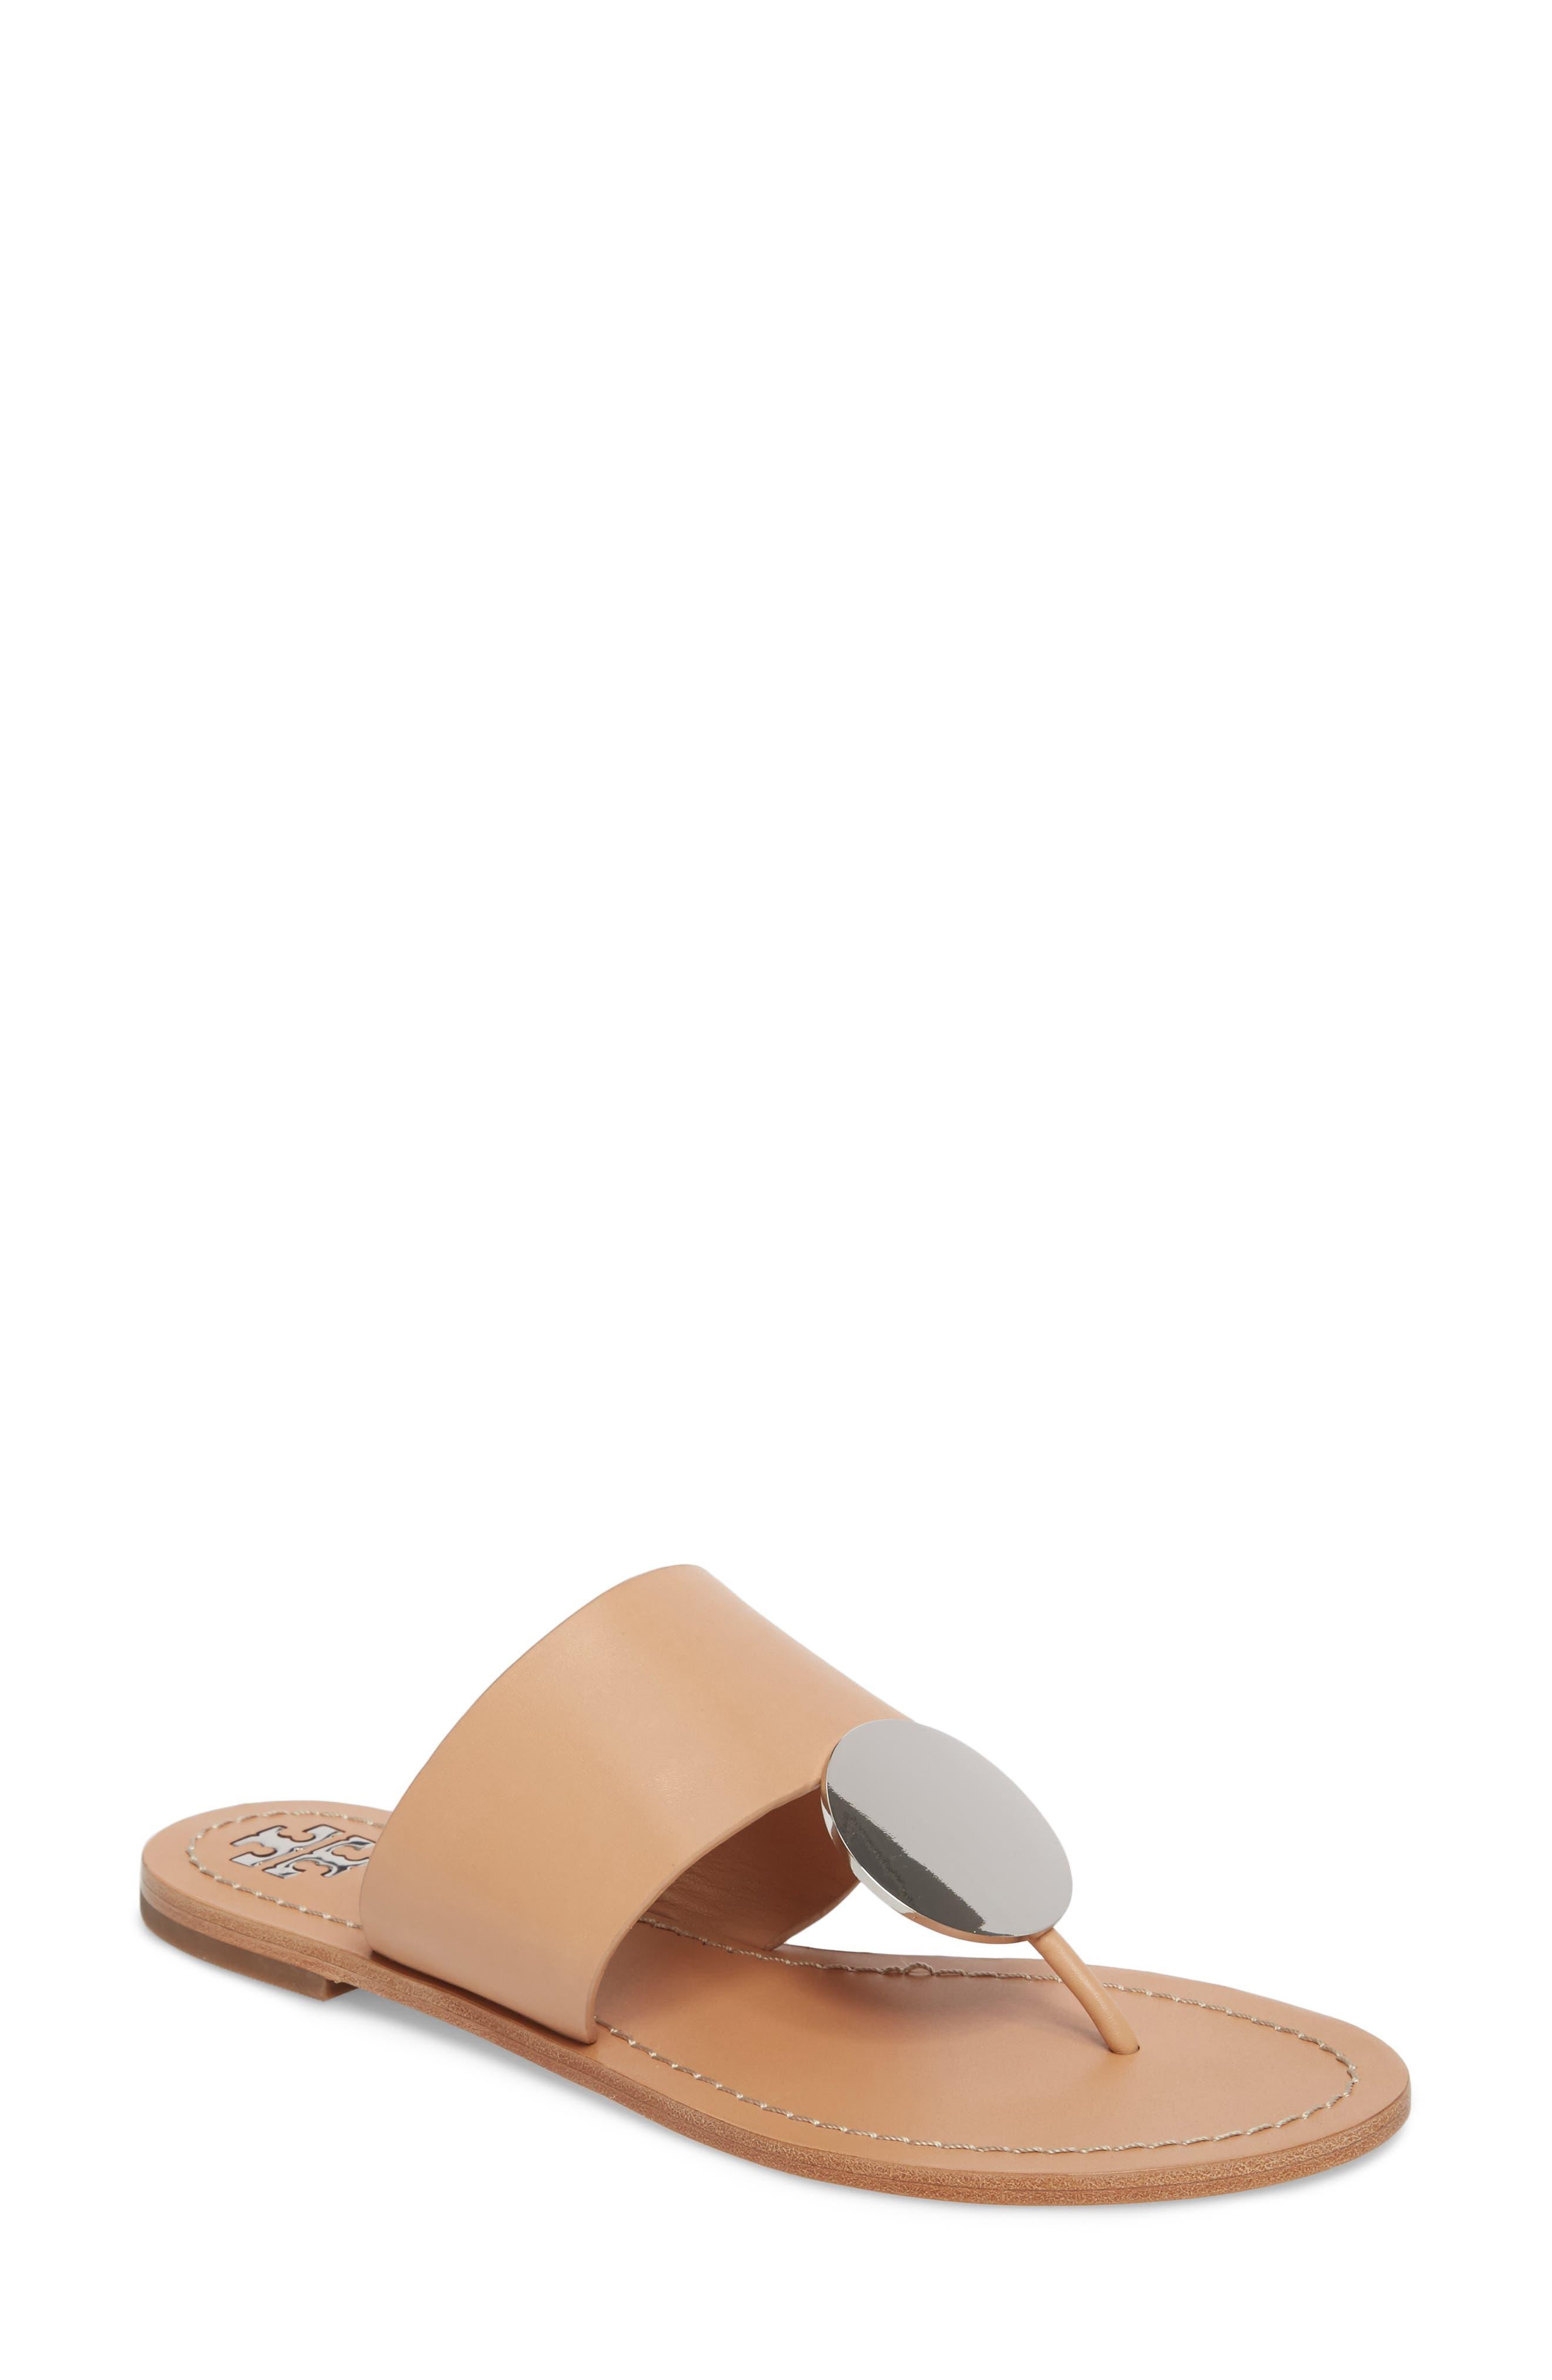 Patos Sandal,                         Main,                         color, 200